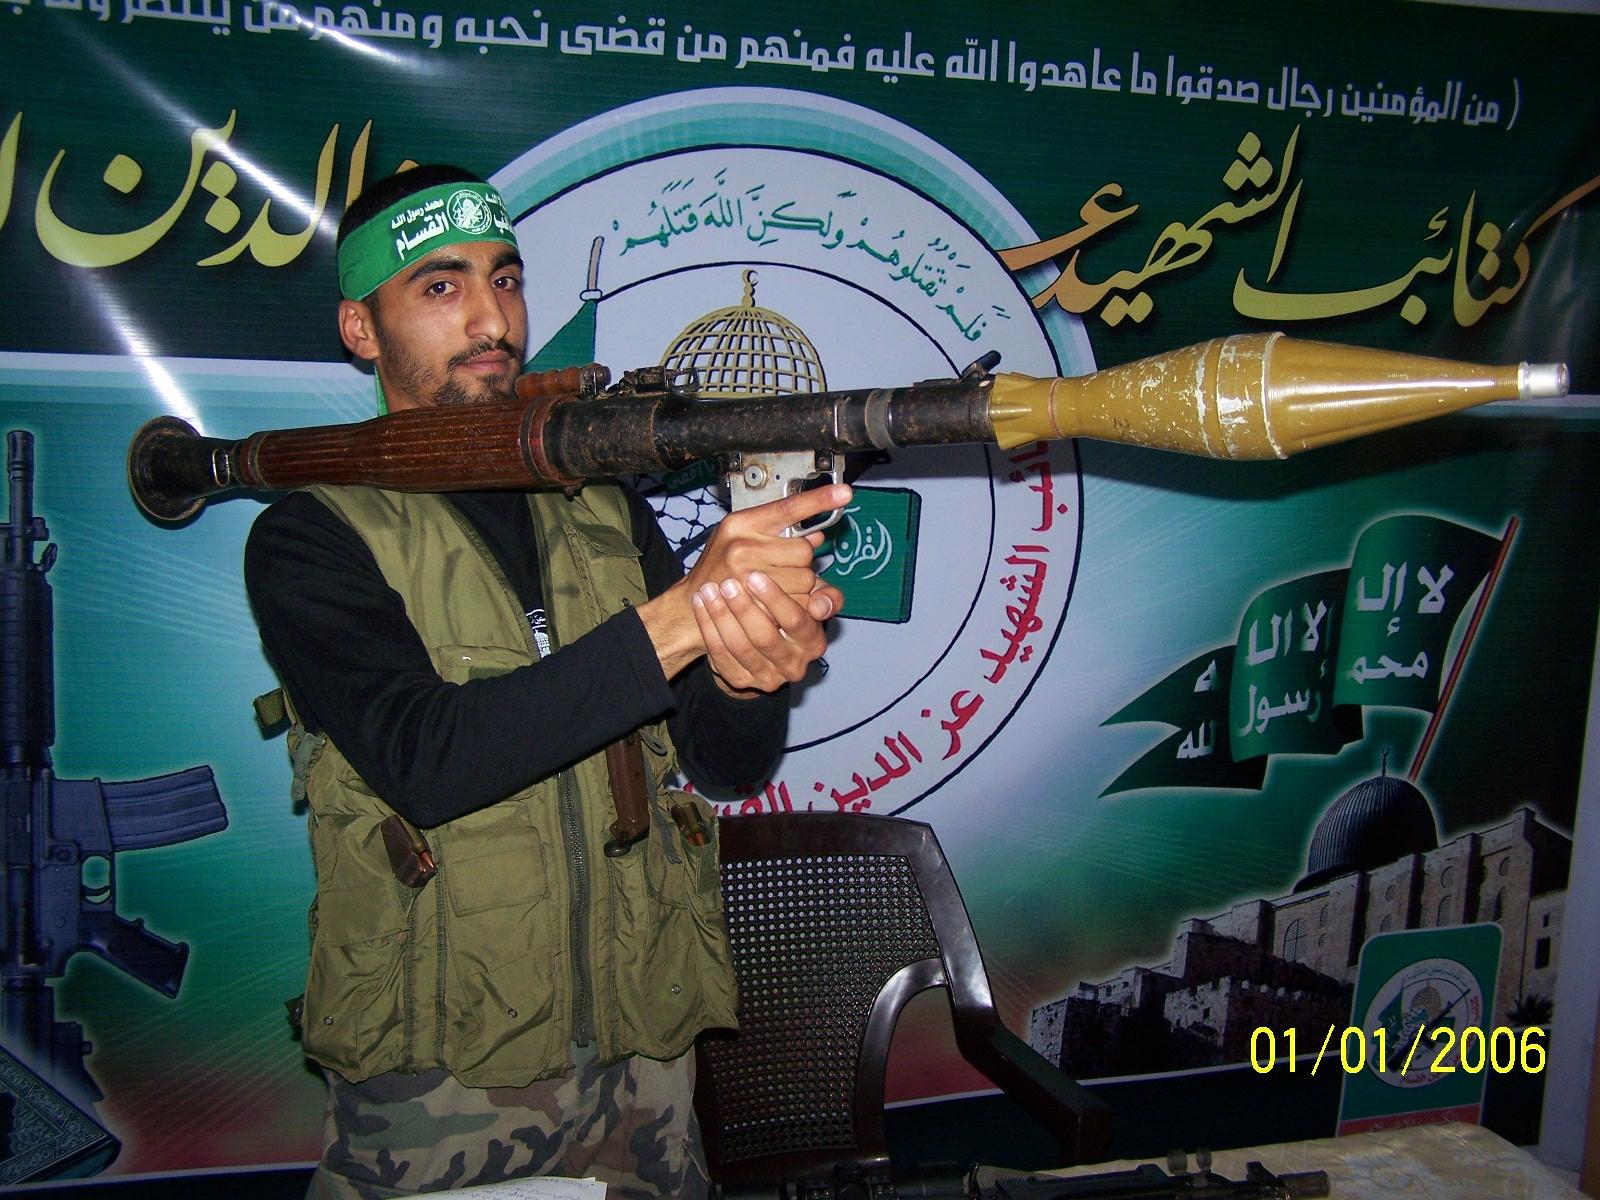 الشهيد القسامي إبراهيم جهاد جعفر أبو لبن